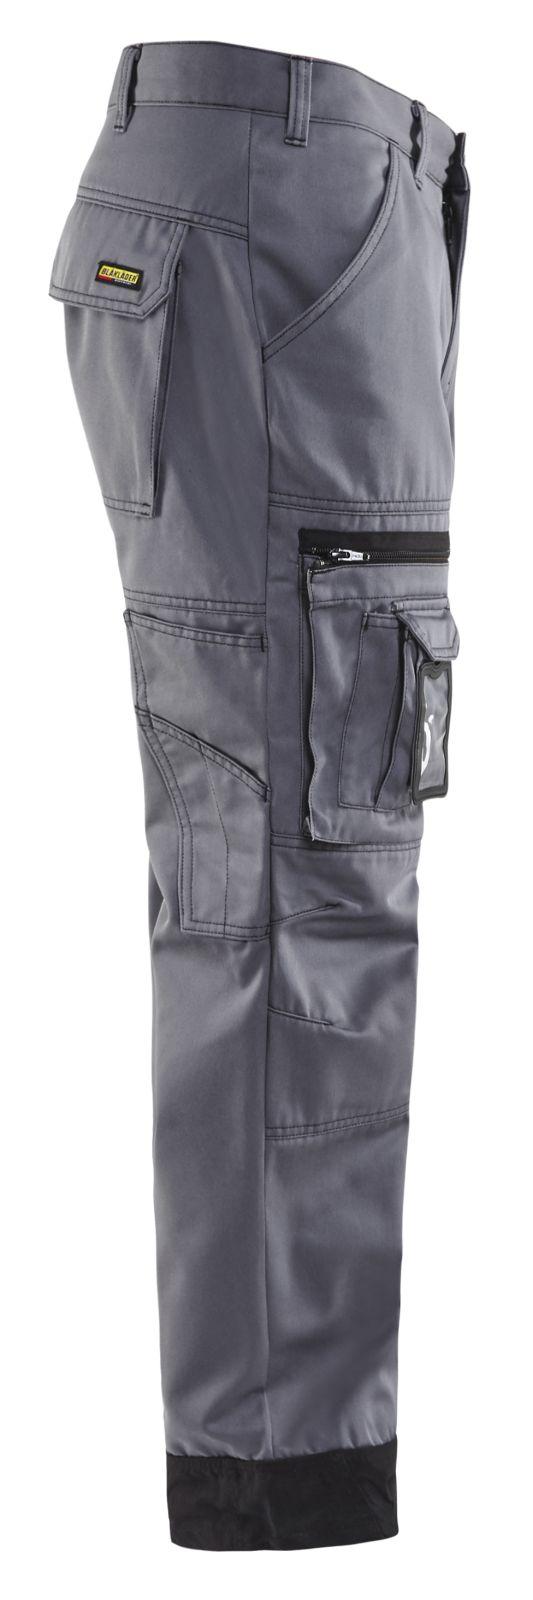 Blaklader Werkbroeken 14701860 grijs-zwart(9499)